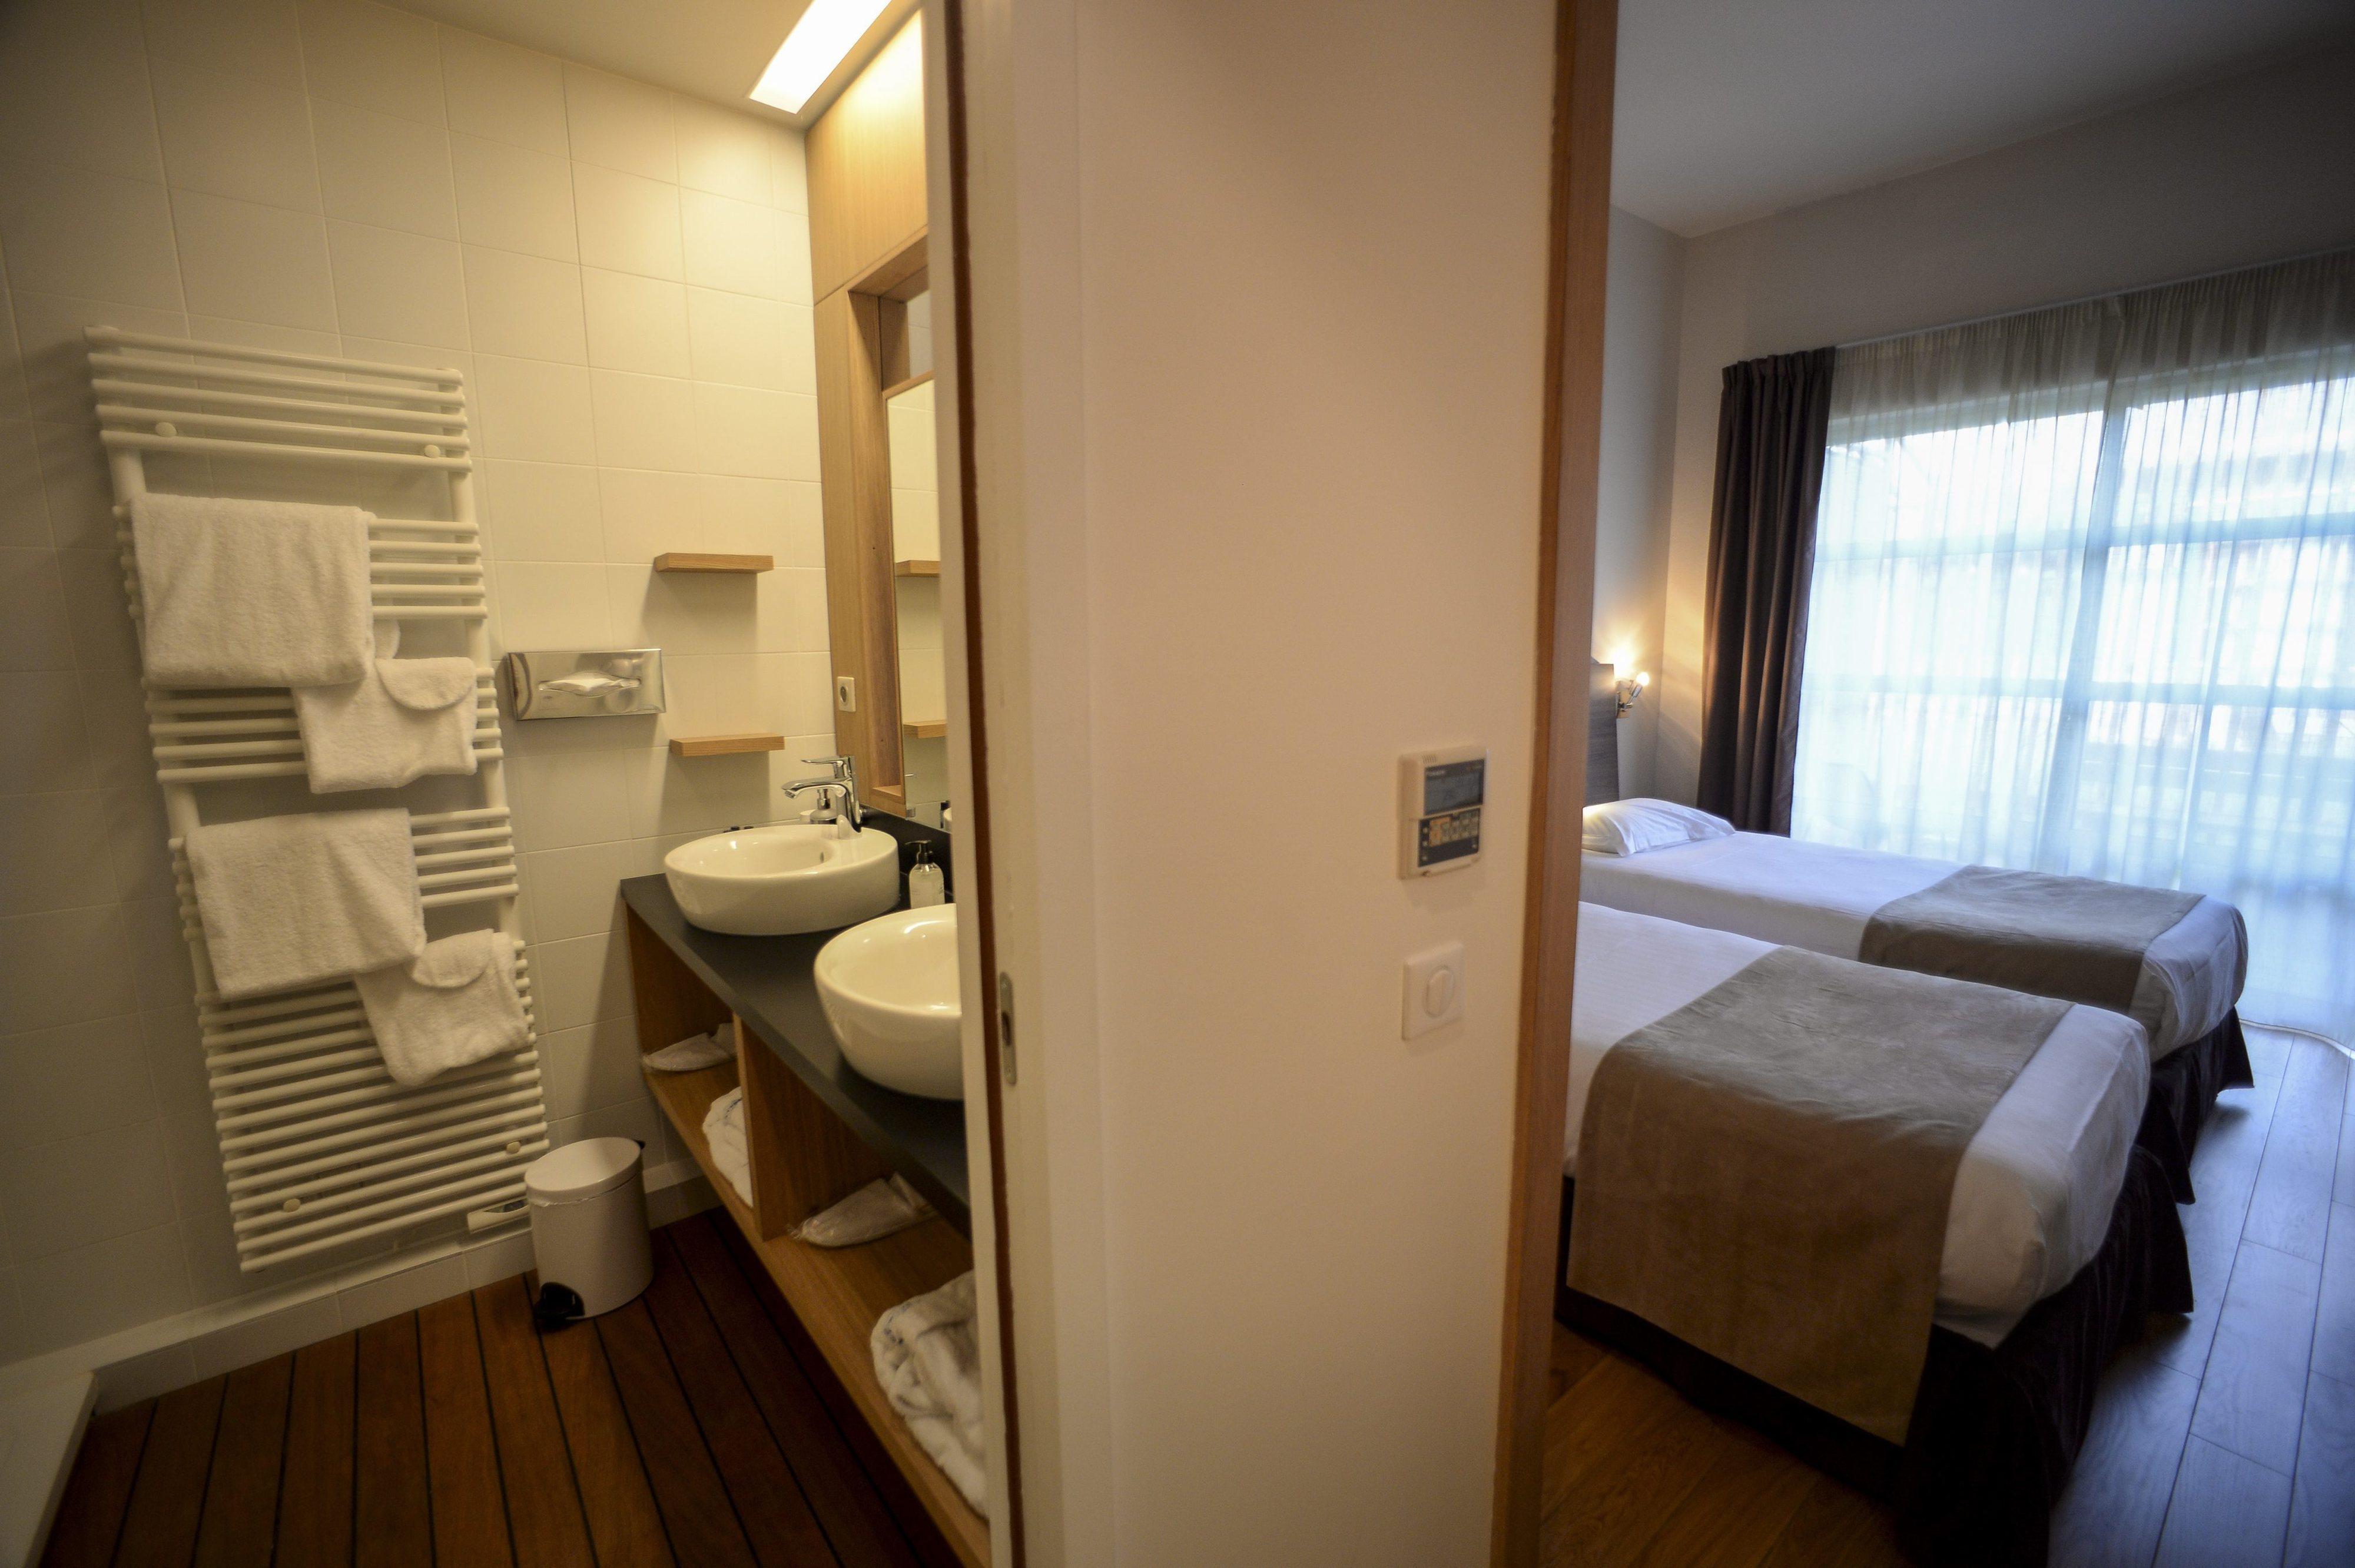 Hotéis no Algarve com ocupação mais baixa de sempre em março - AHETA